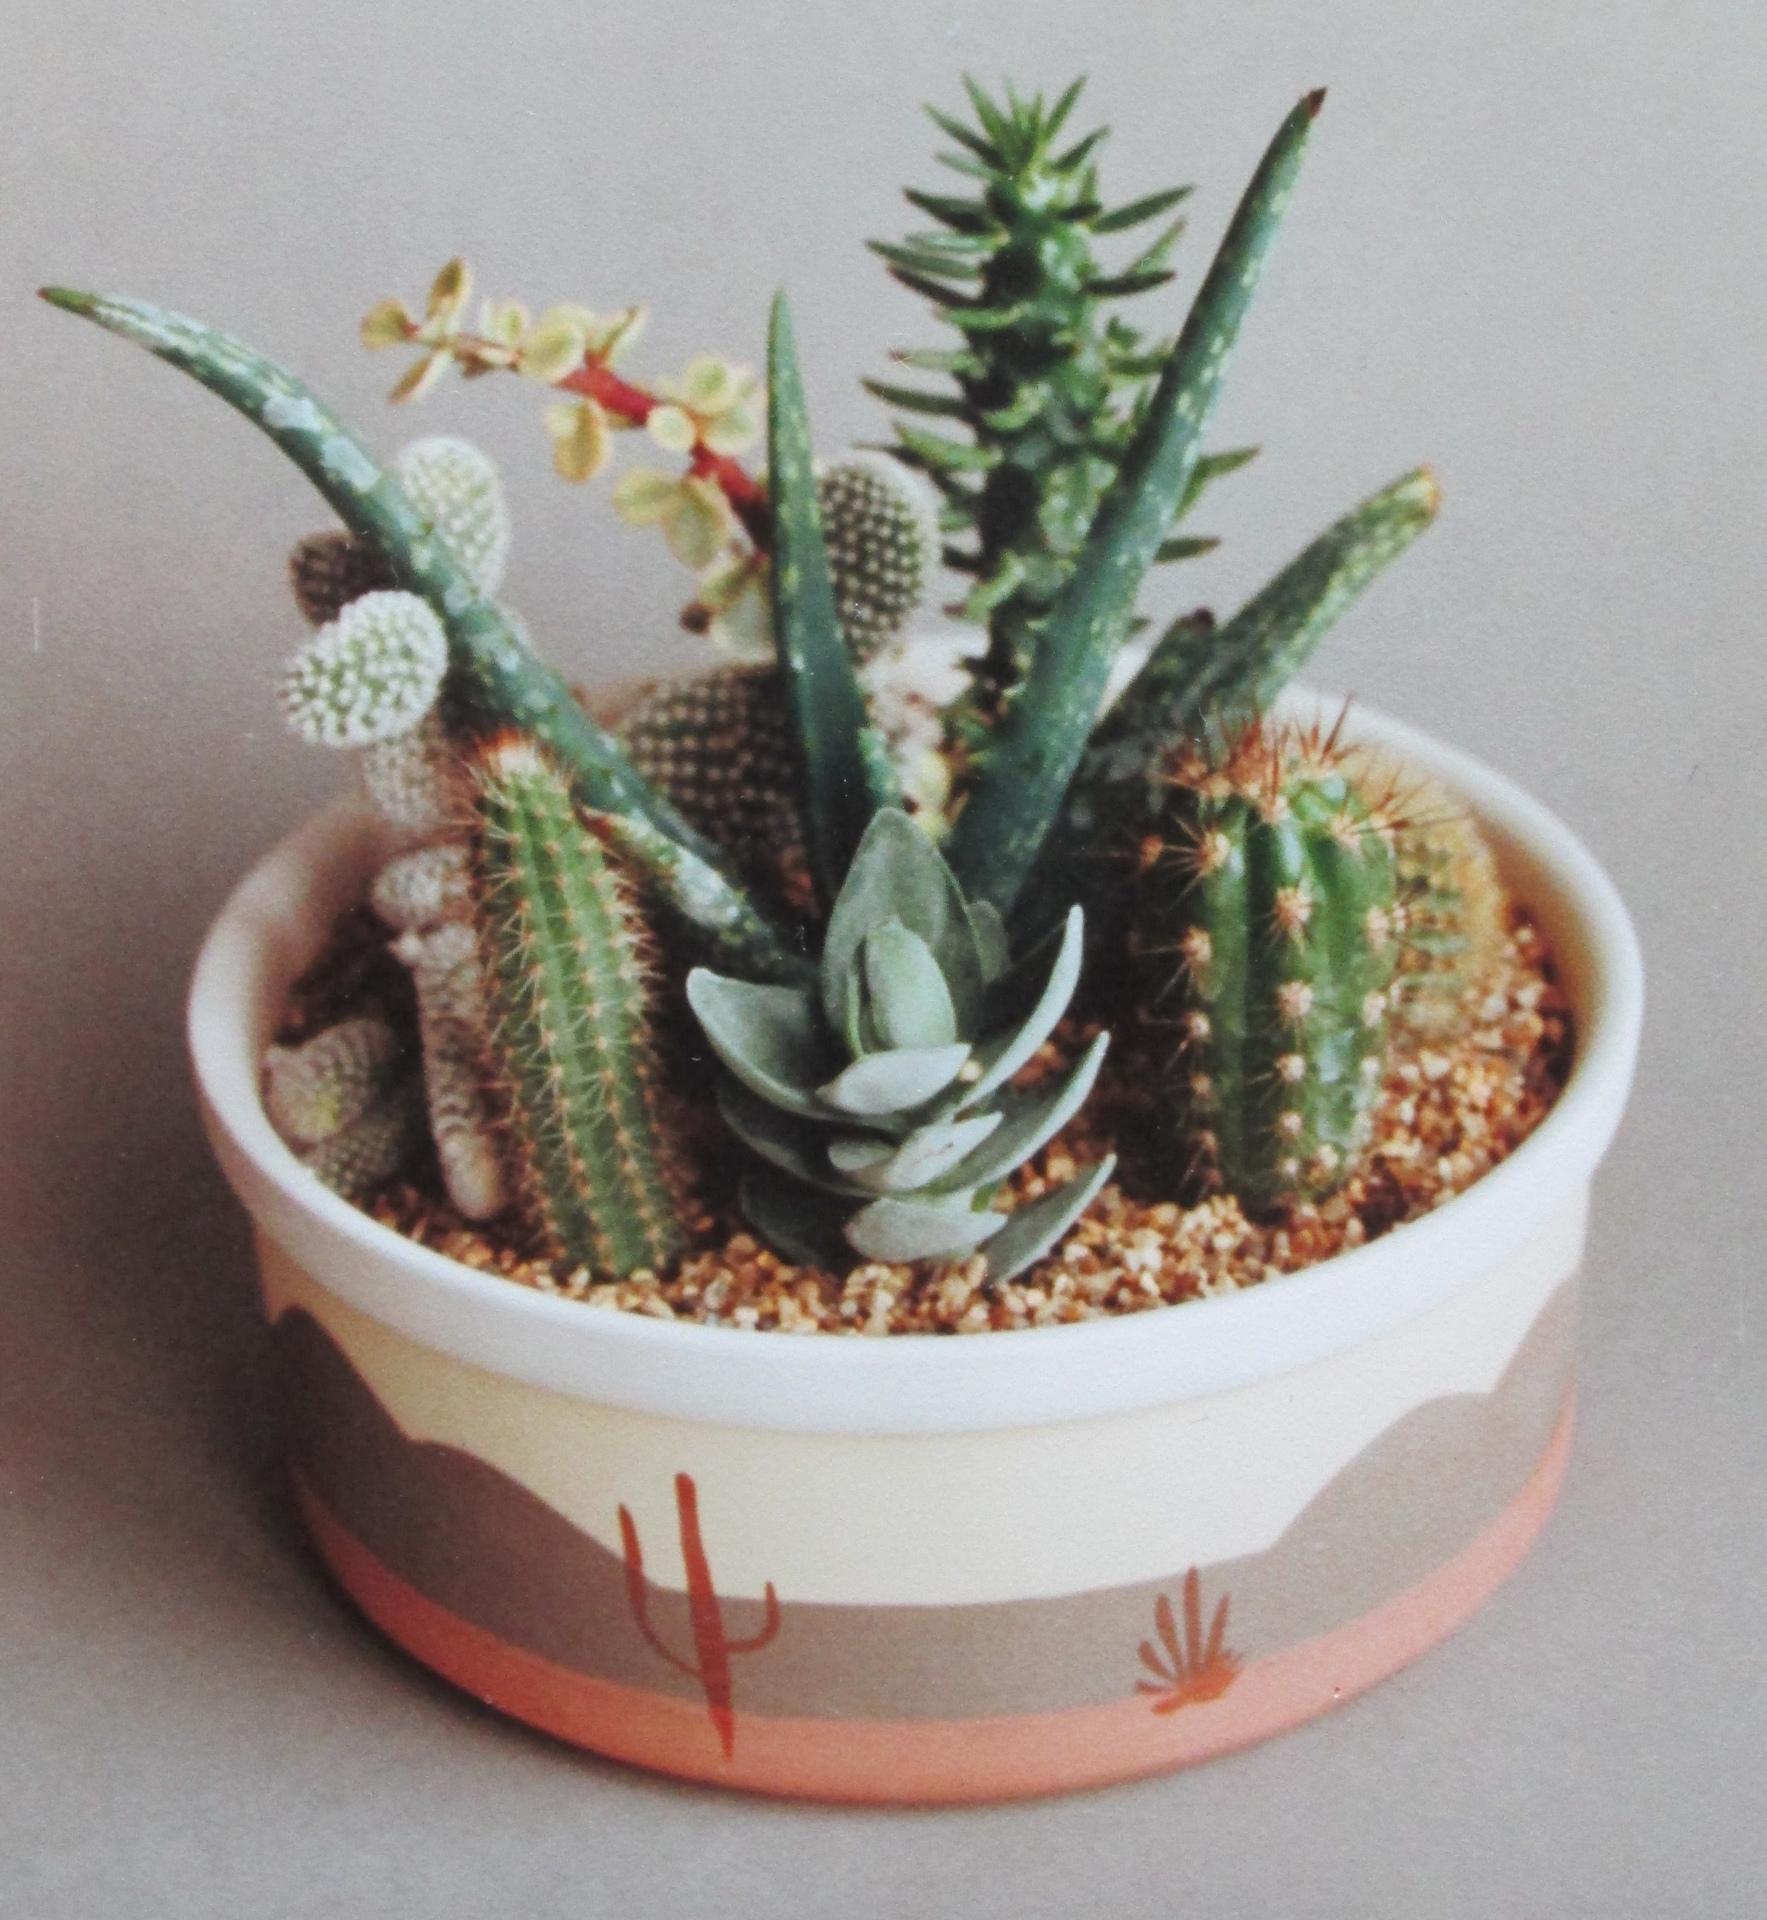 jigger jolly made cactus bowls